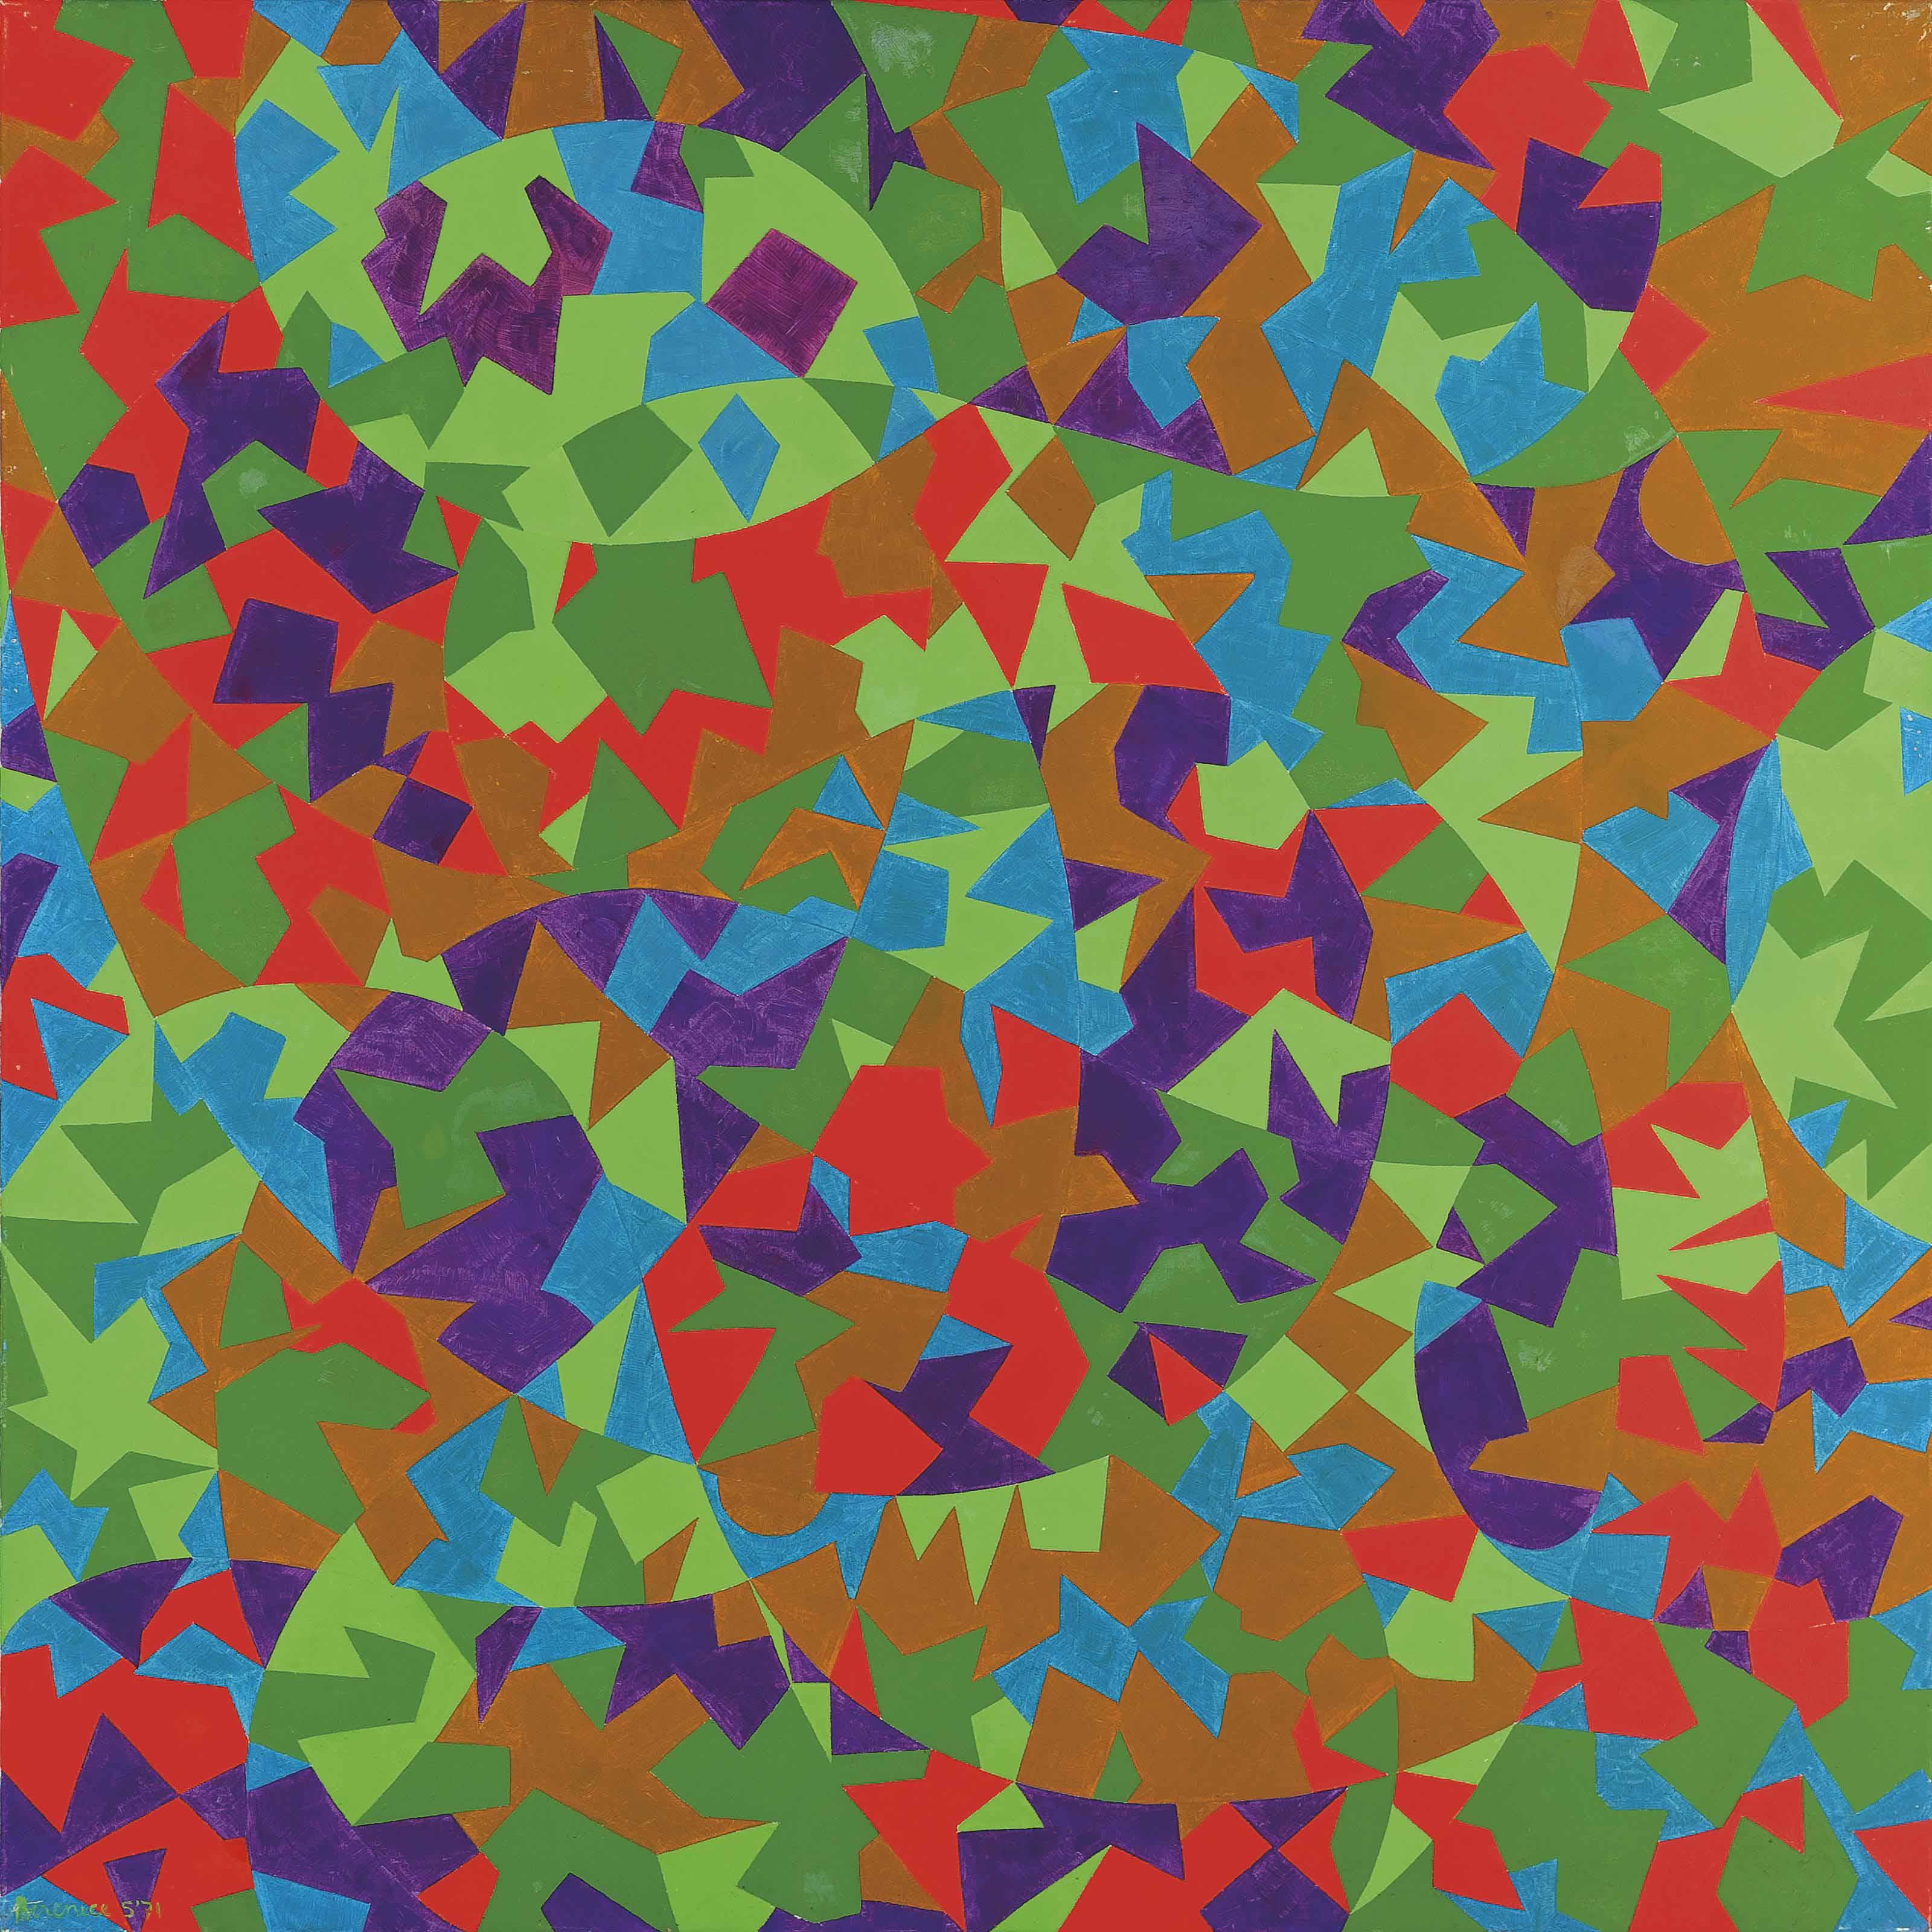 Leaves Orbiting